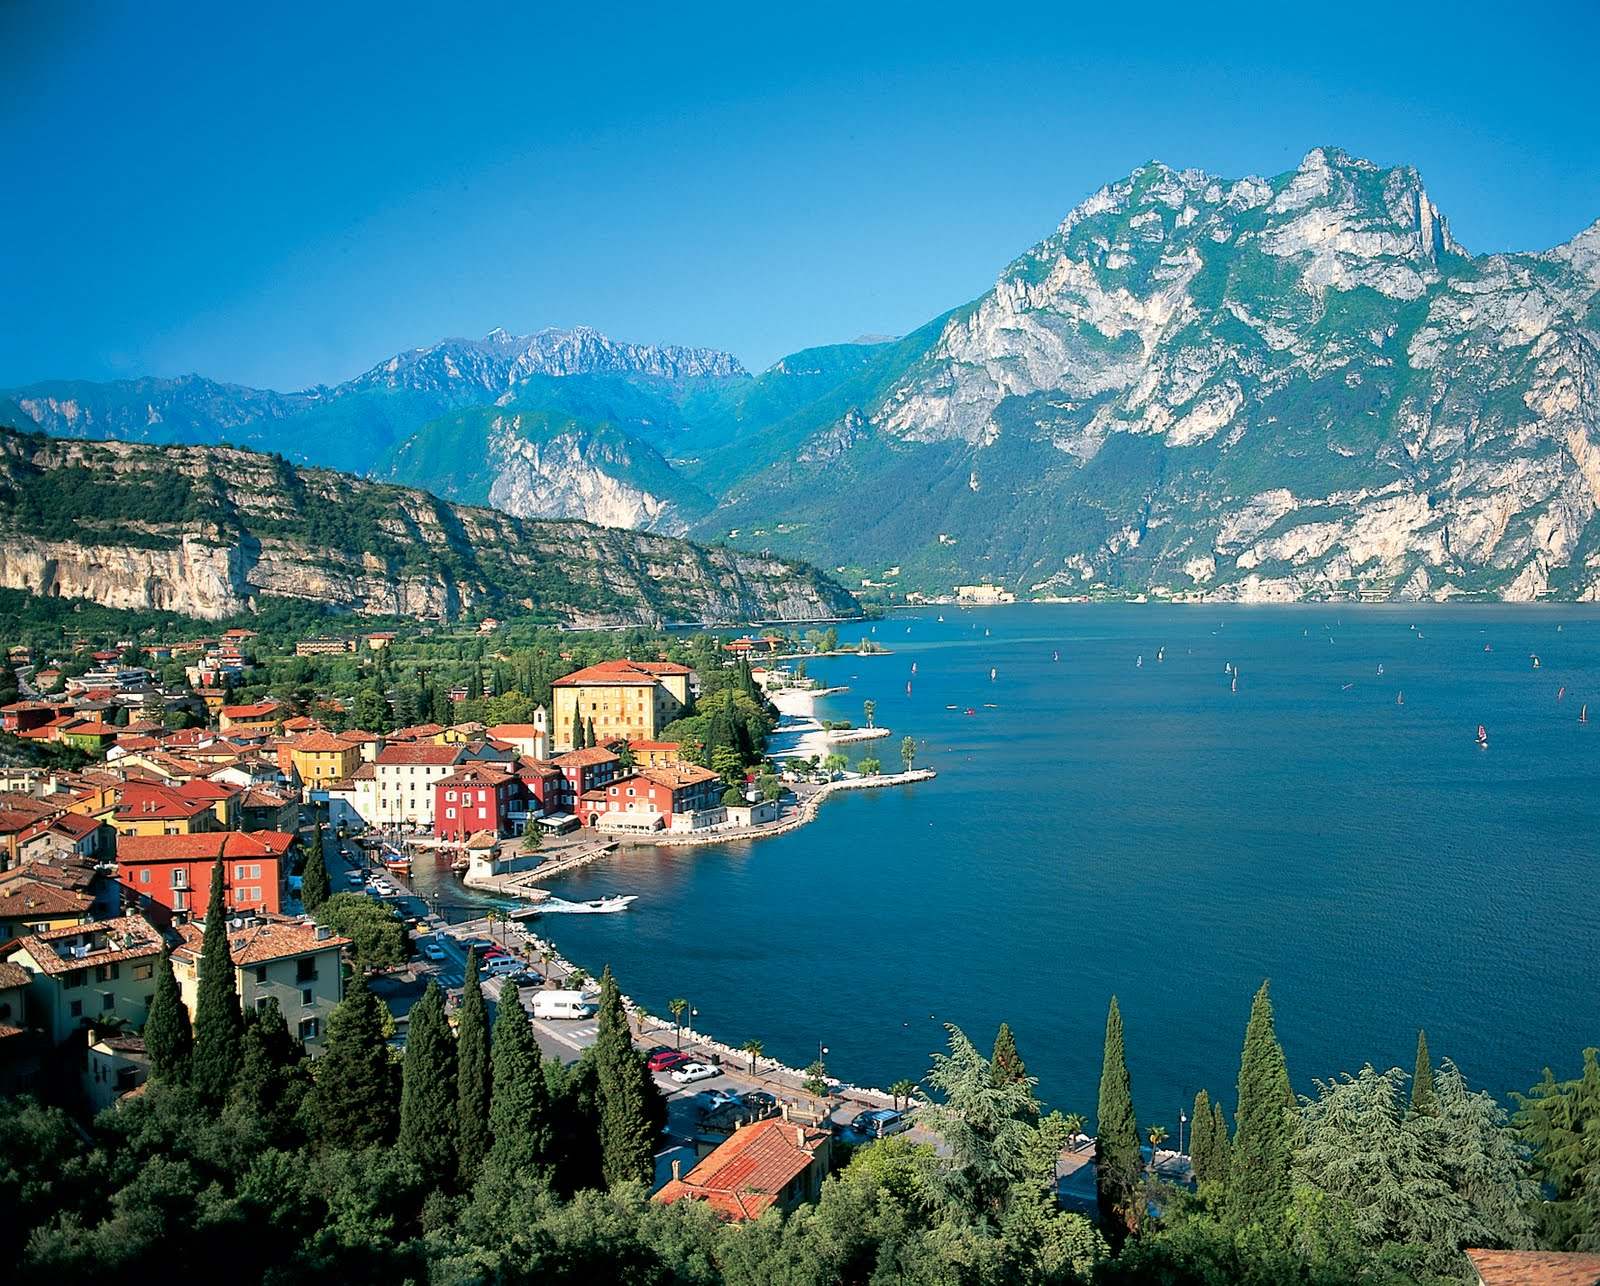 Lago di Garda - CEl ami mare lac din Italia